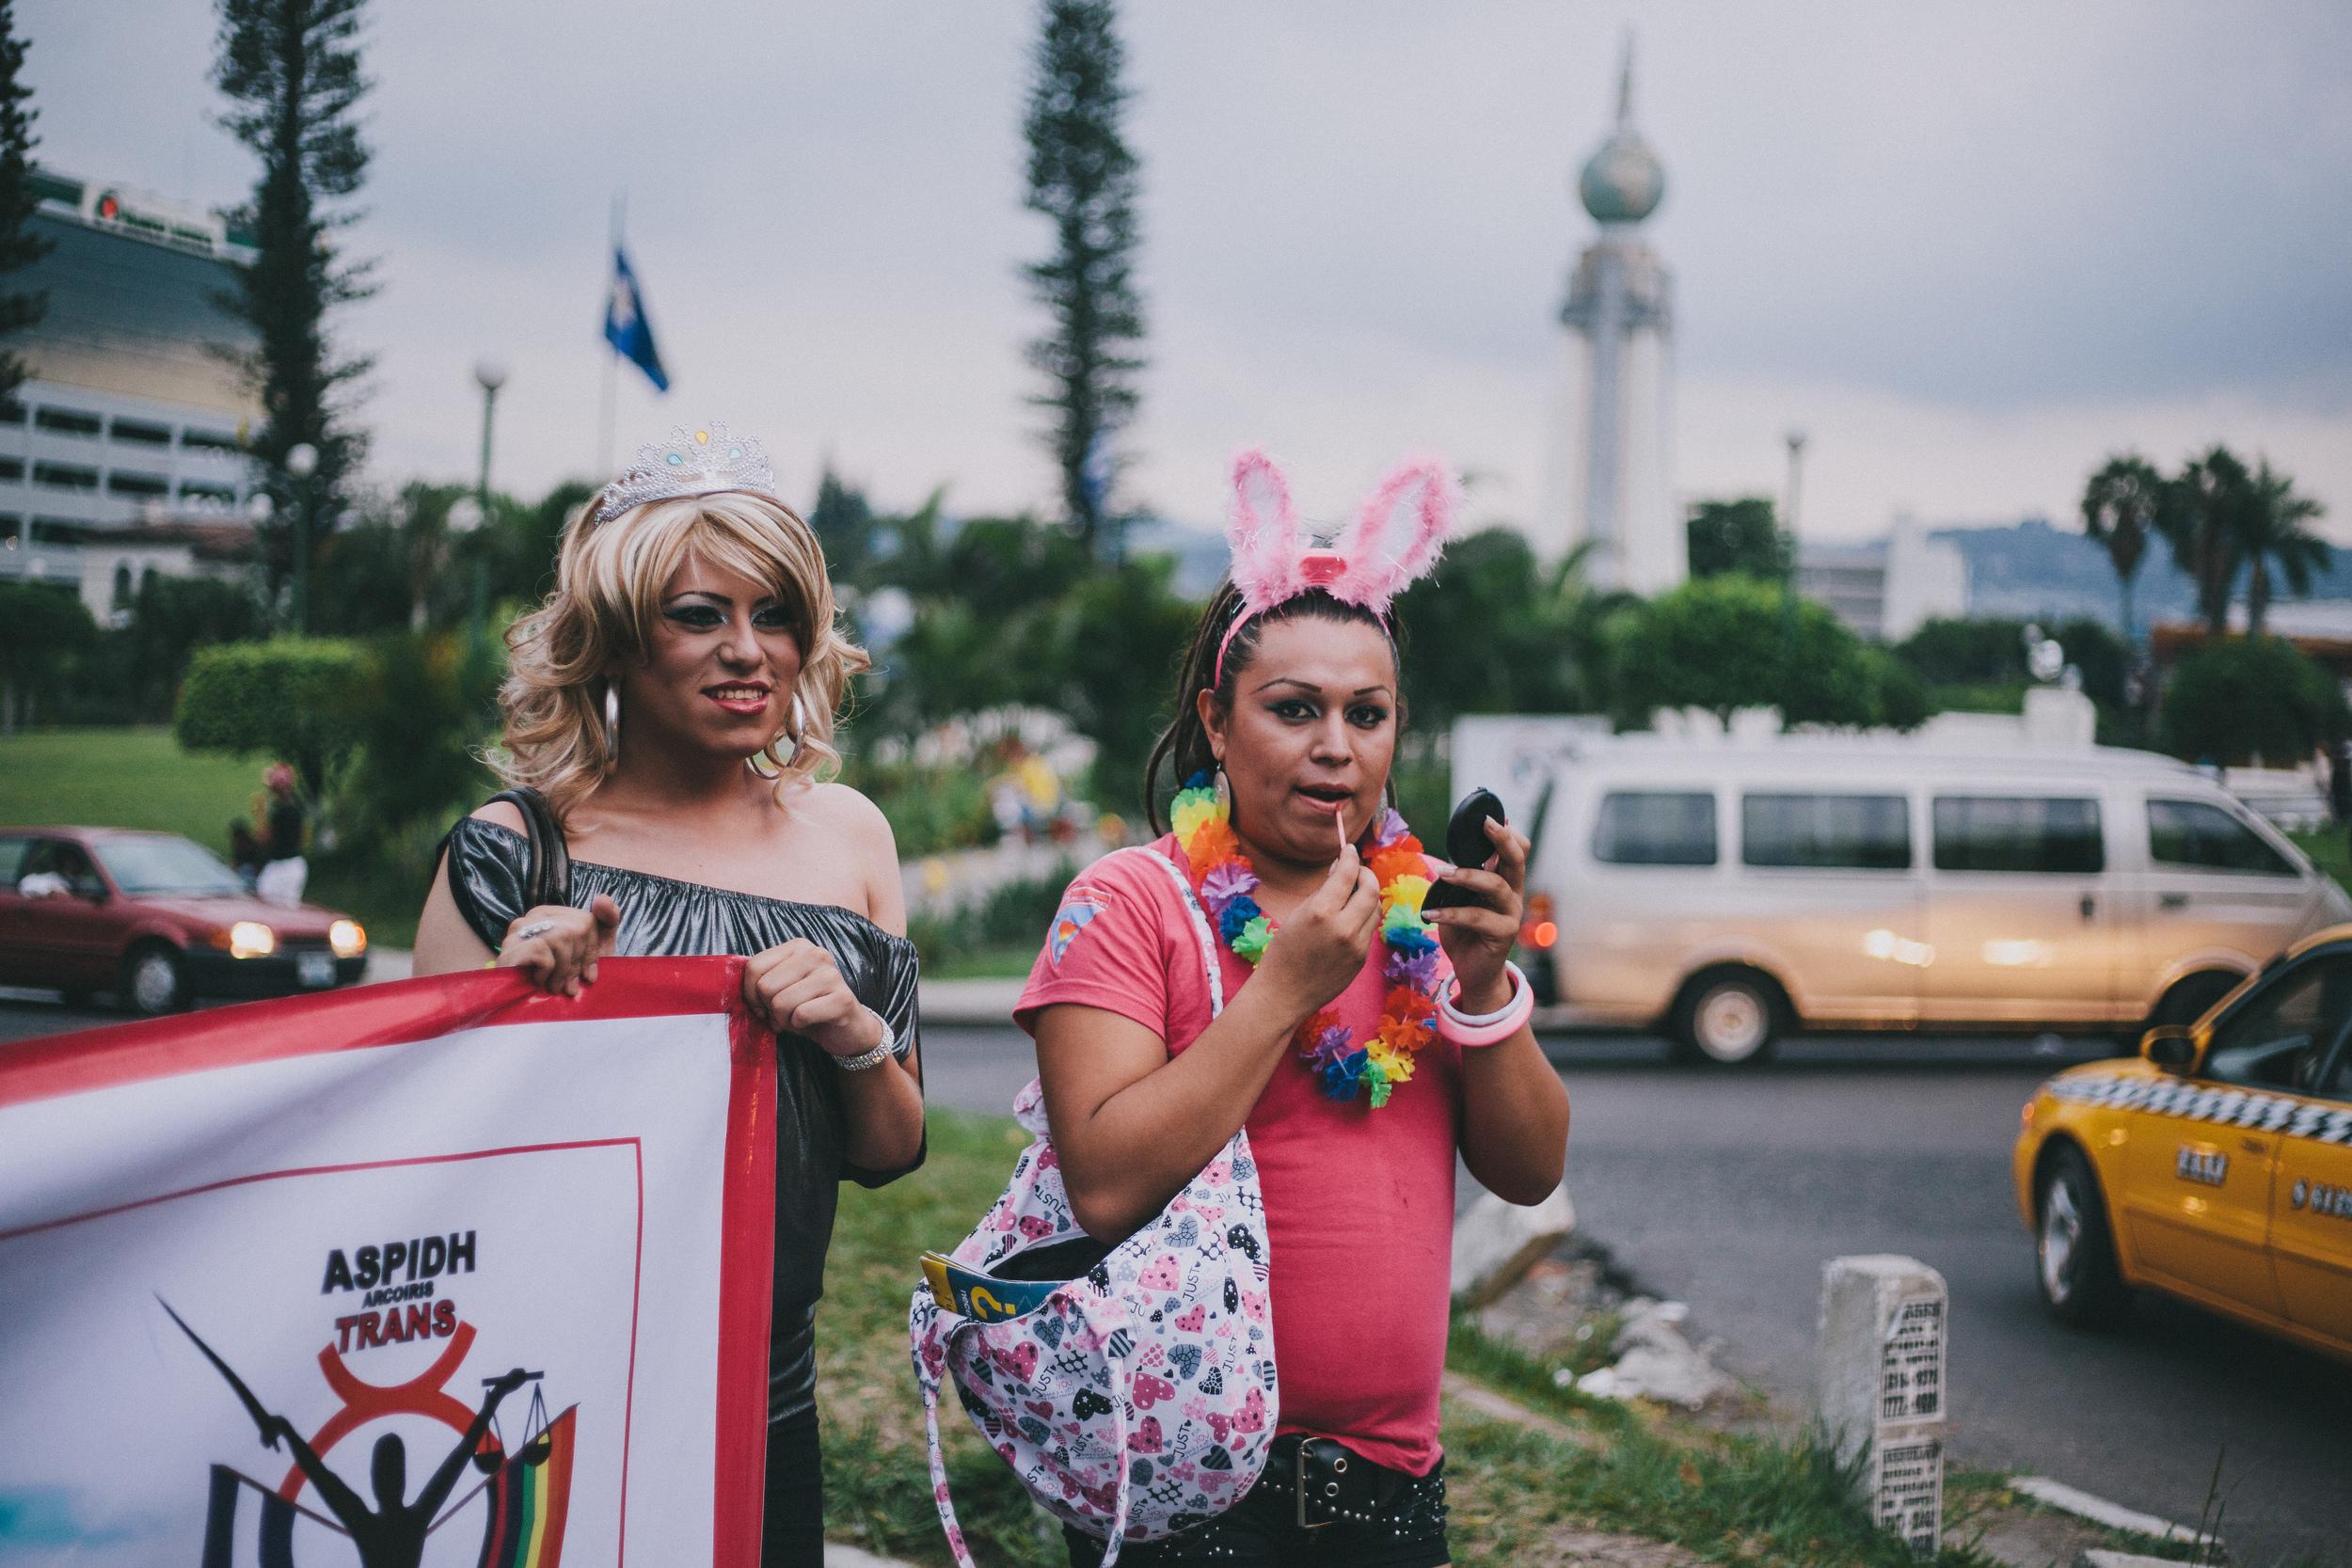 El_Salvador_Transfobia_011.JPG